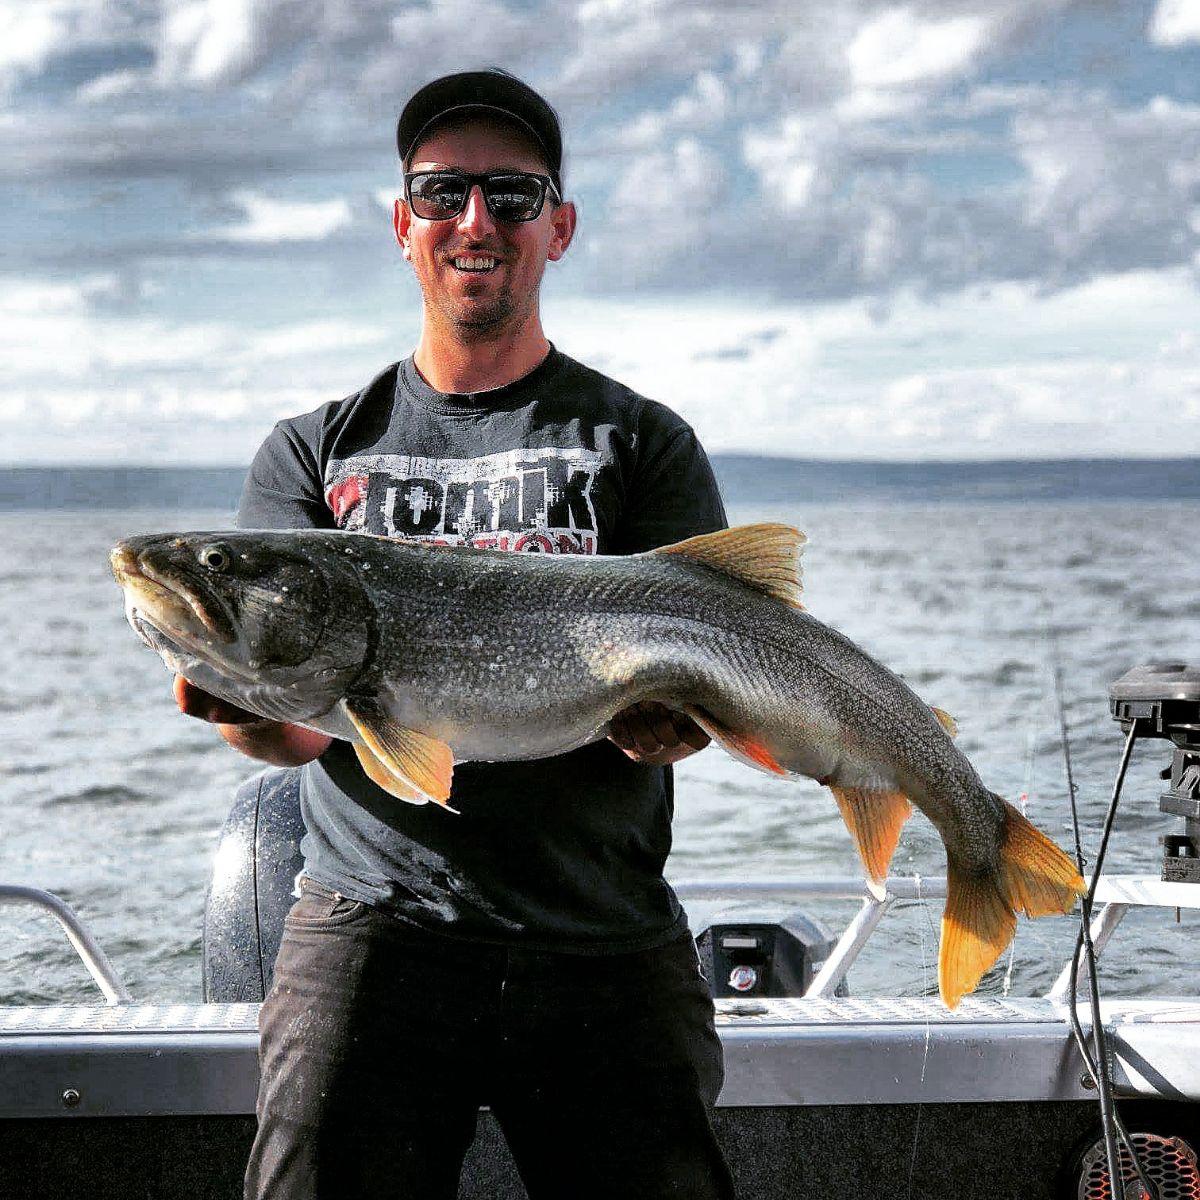 NWT fishing